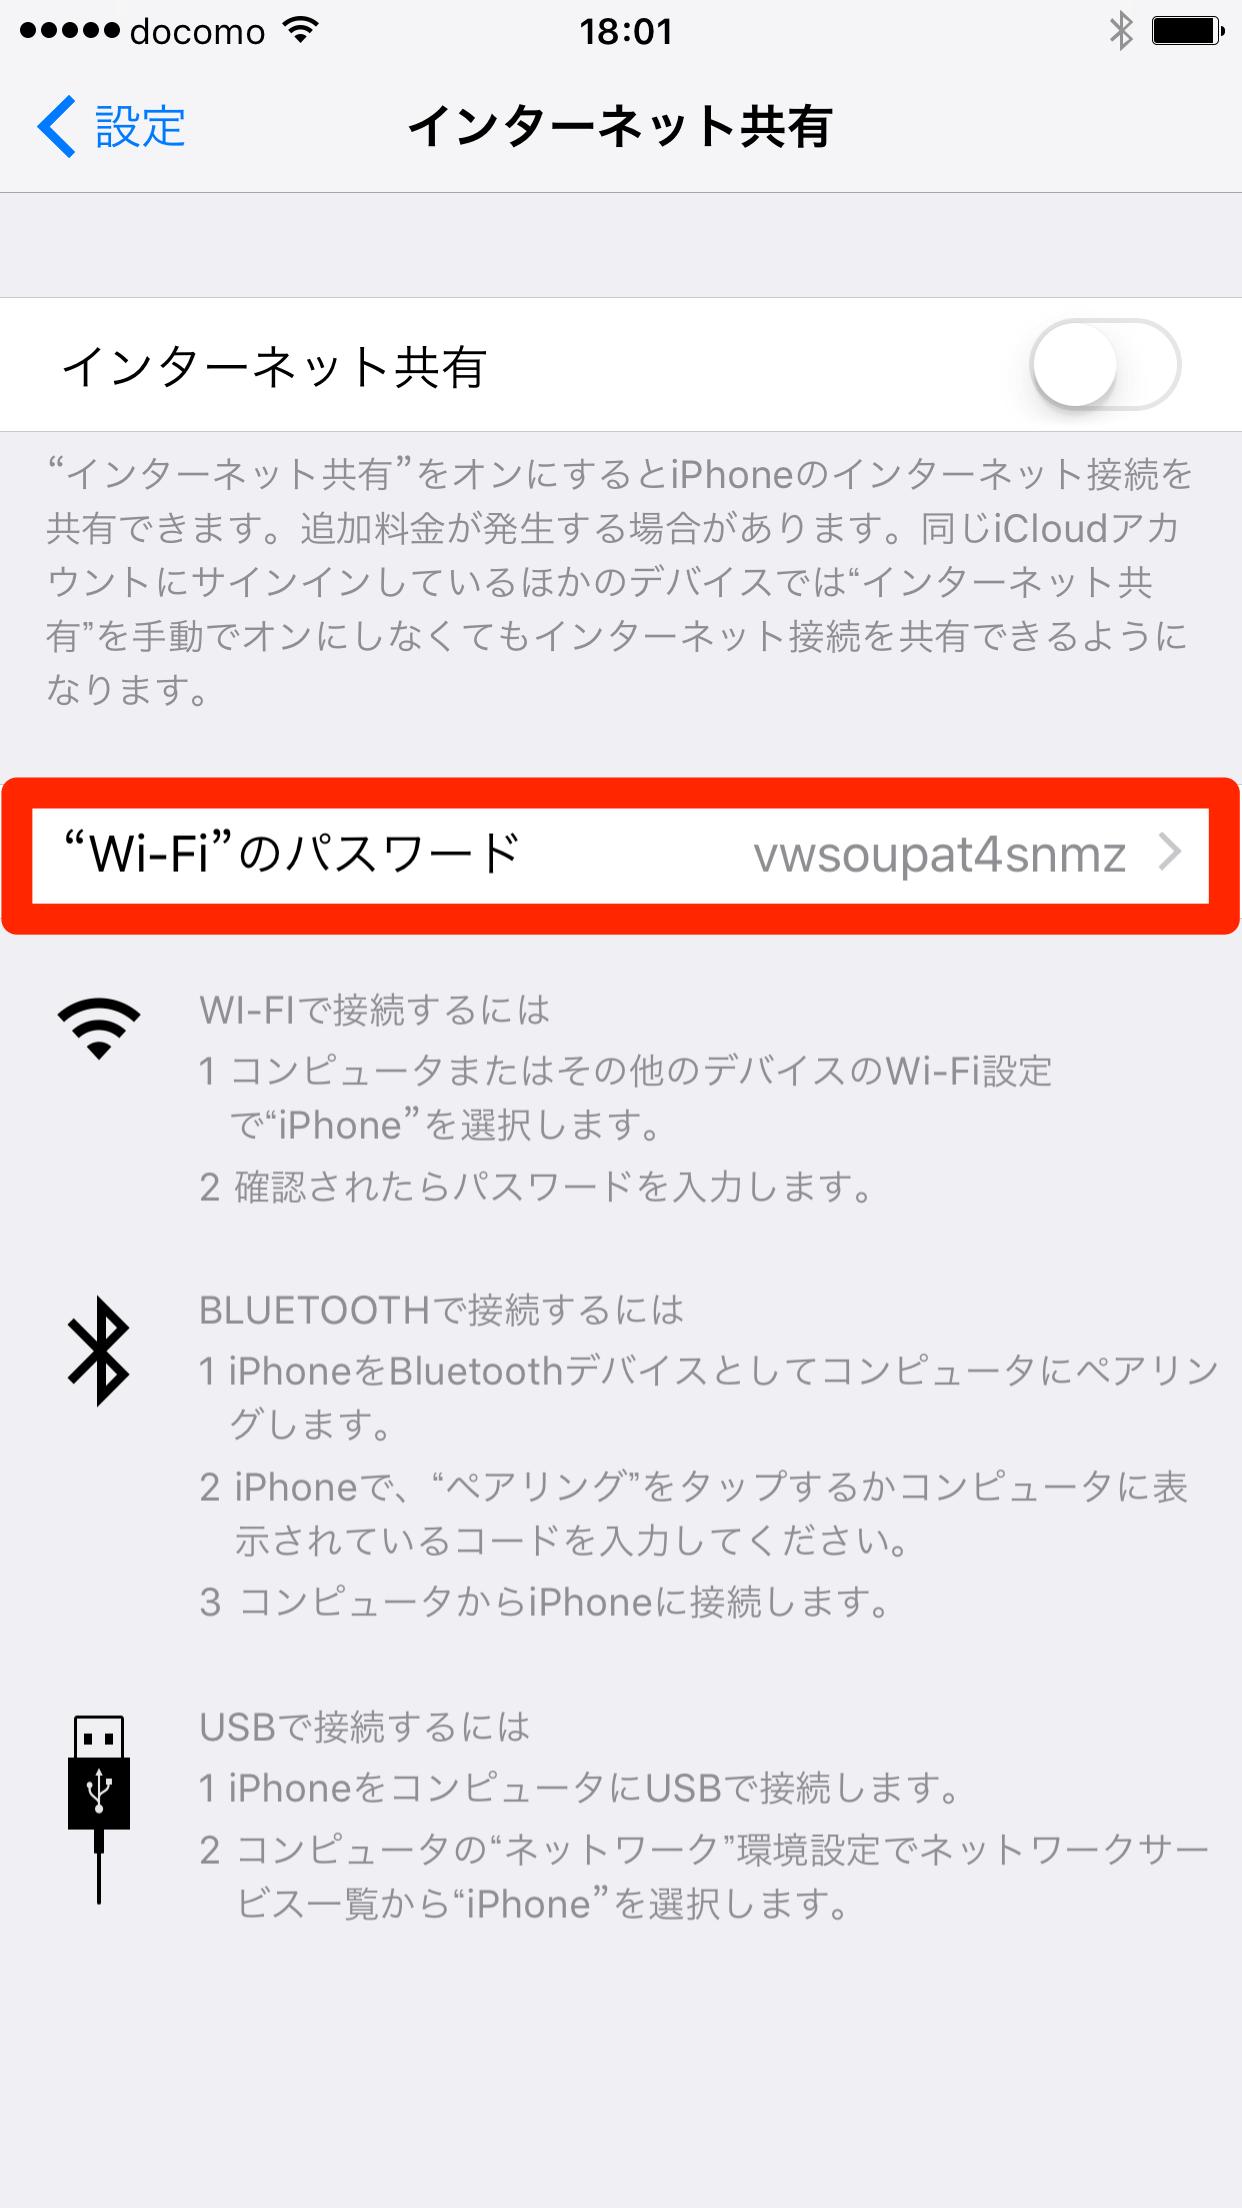 Wi-Fiのパスワードを設定する